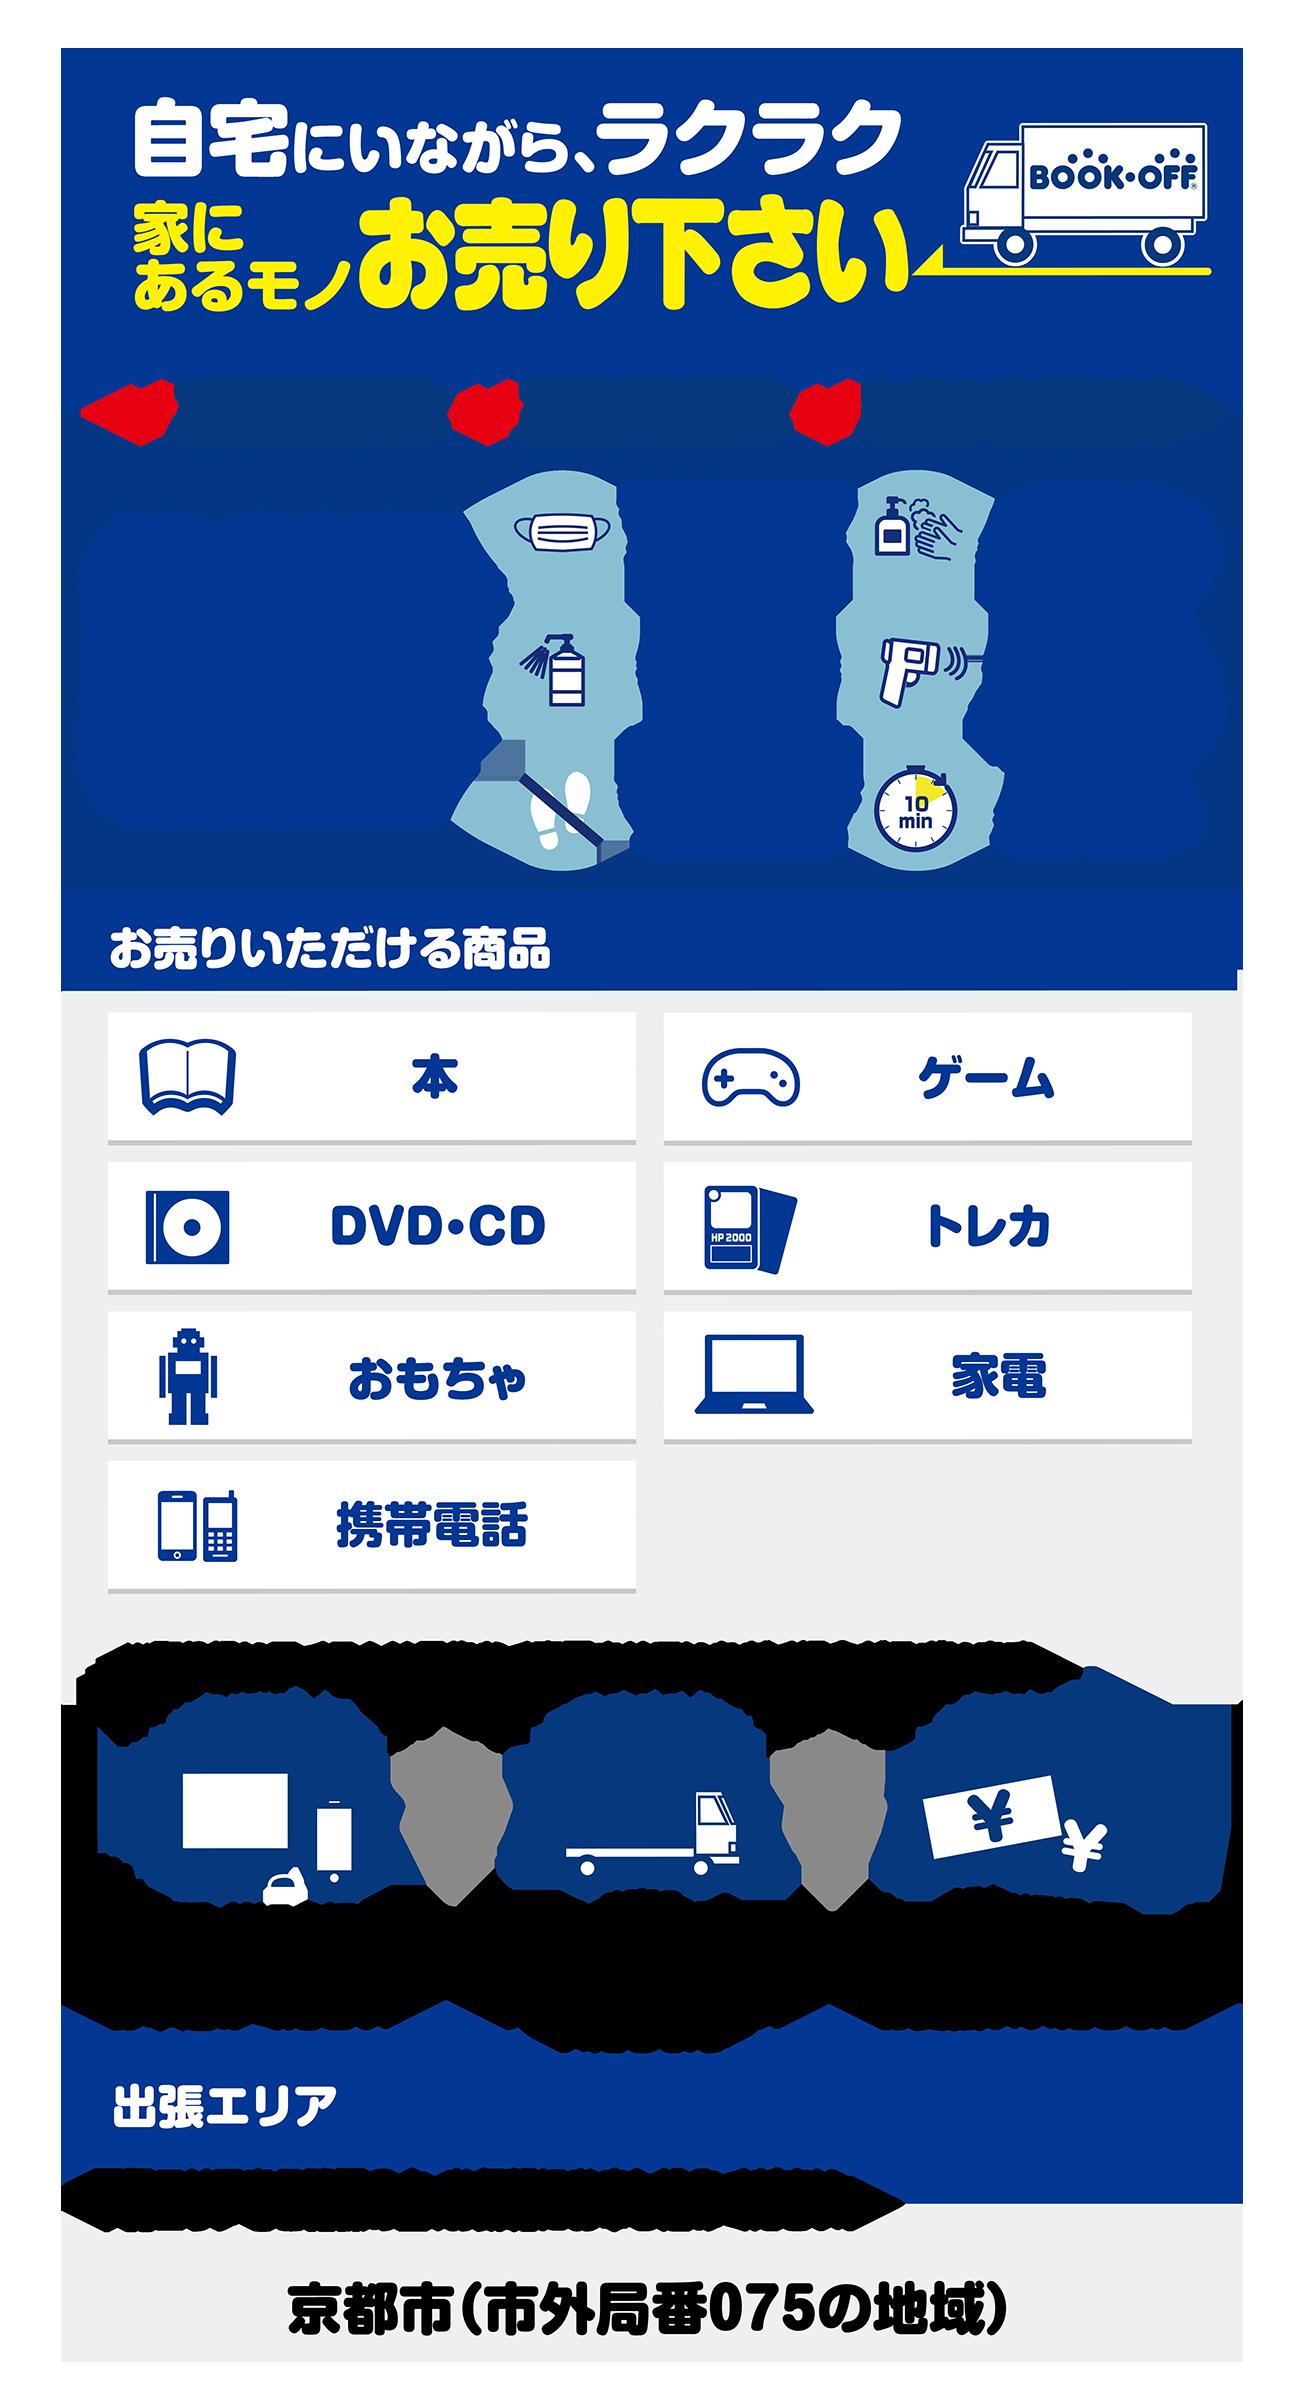 自宅にいながら、ラクラク出張買取。BOOKOFF京都出張買取センターをご利用ください。